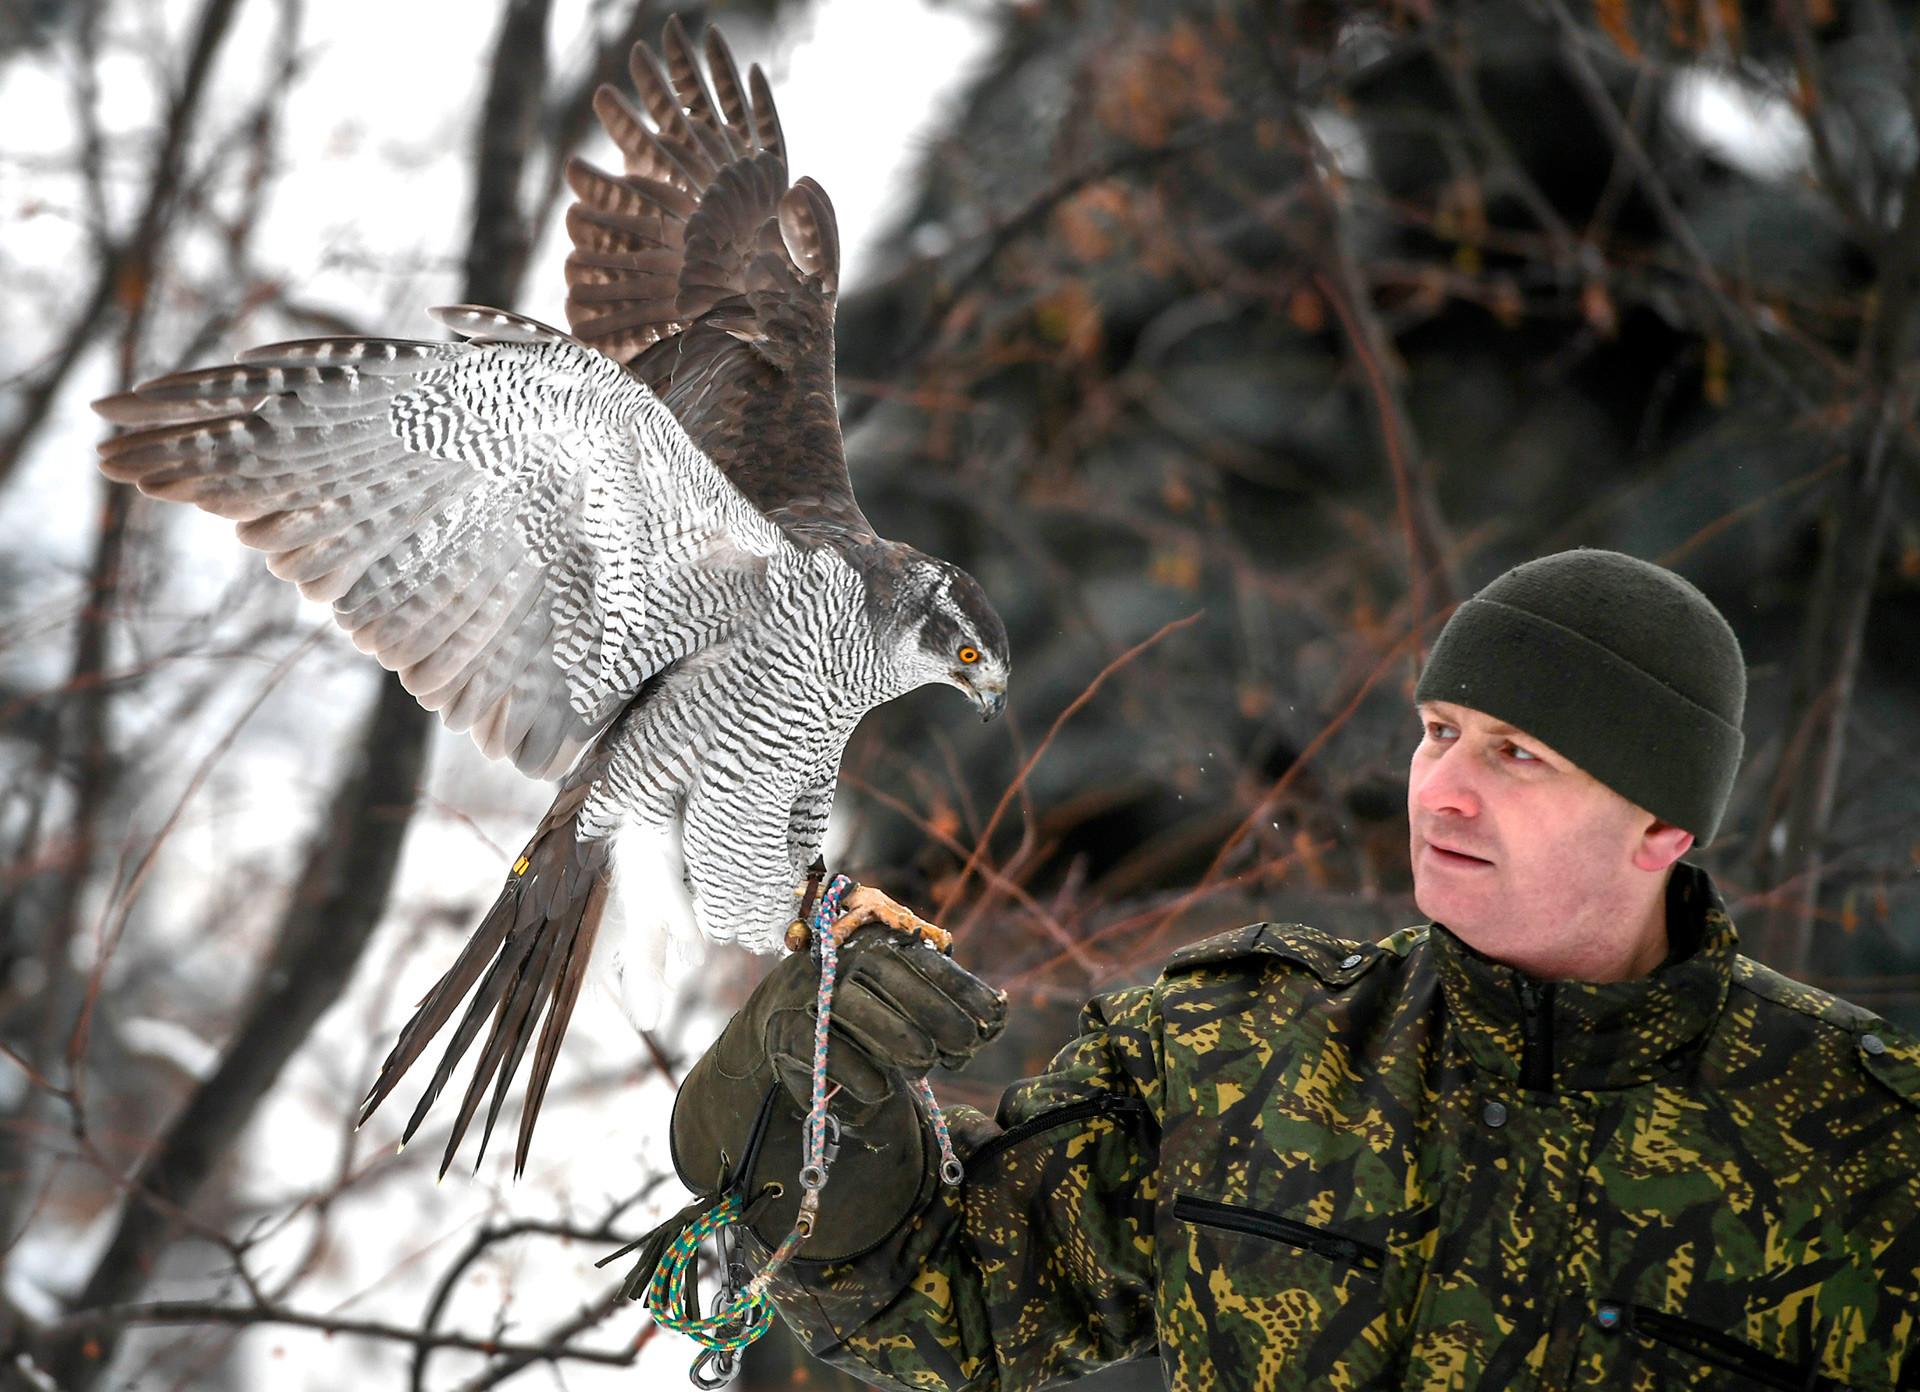 カラス用のオオタカは、6ヶ月間訓練されてから、カラス狩りができるかどうか評価される。